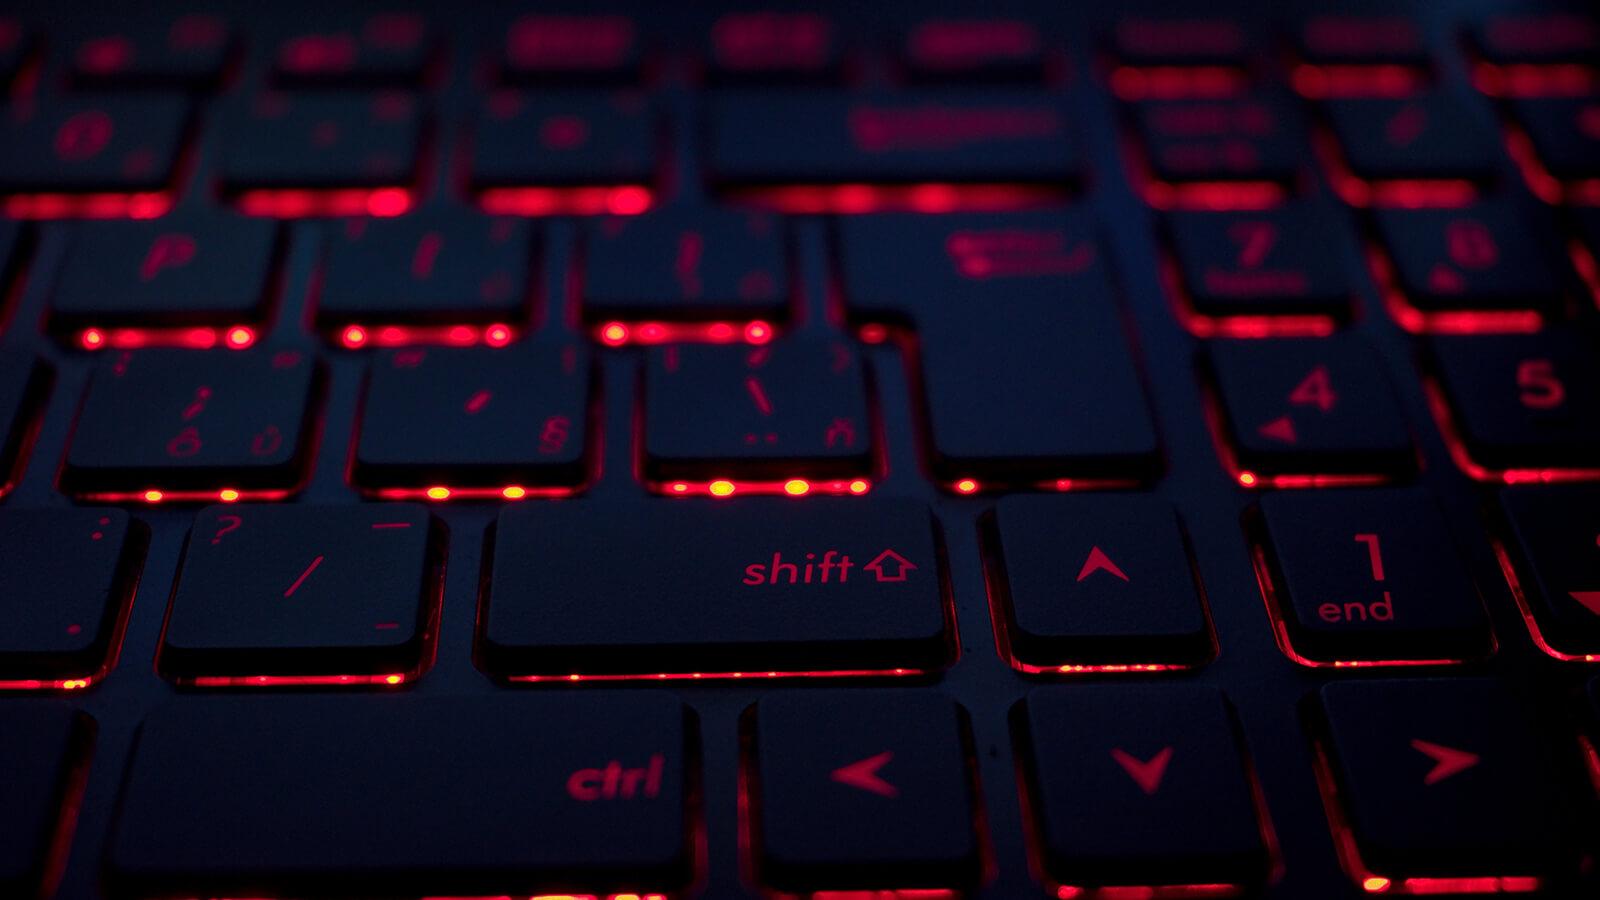 podświetlenie klawiatury kolor czerwony